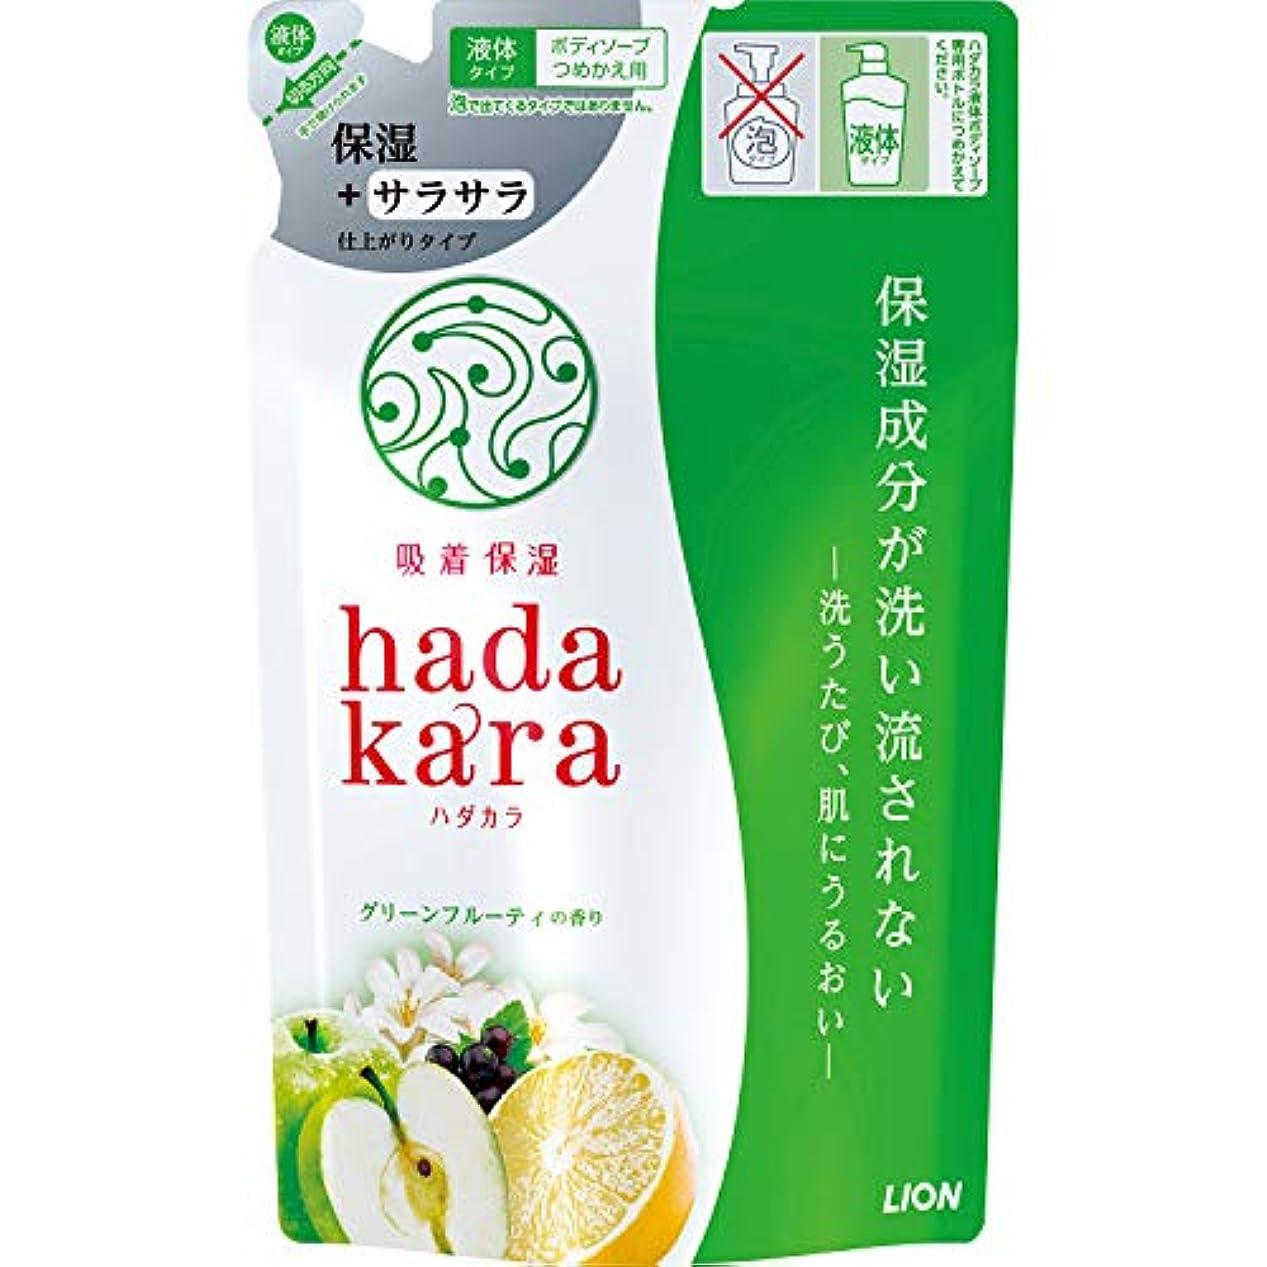 許容できる対立ものhadakara(ハダカラ) ボディソープ 保湿+サラサラ仕上がりタイプ グリーンフルーティの香り 詰め替え 340ml